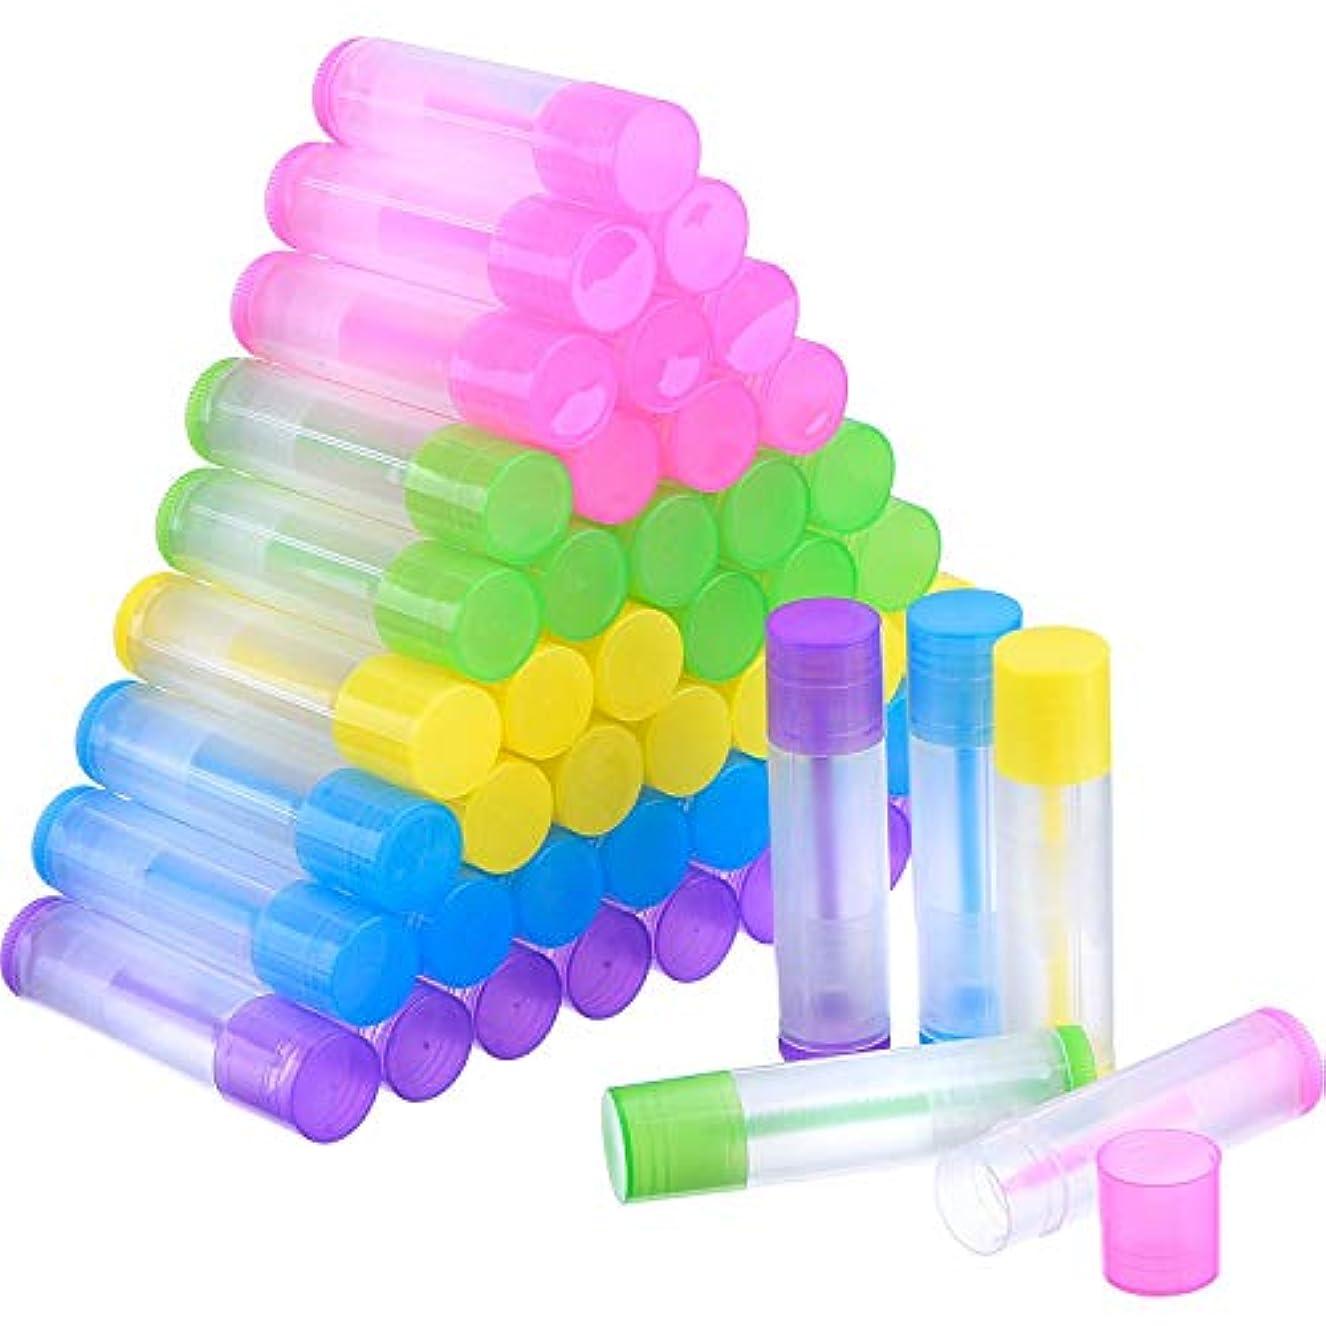 COOLBOTANG リップバームチューブ リップクリーム 繰り出し 手作りコスメ 手作り化粧品/リップクリーム 50個 5.5ml 詰め替え容器(5色)